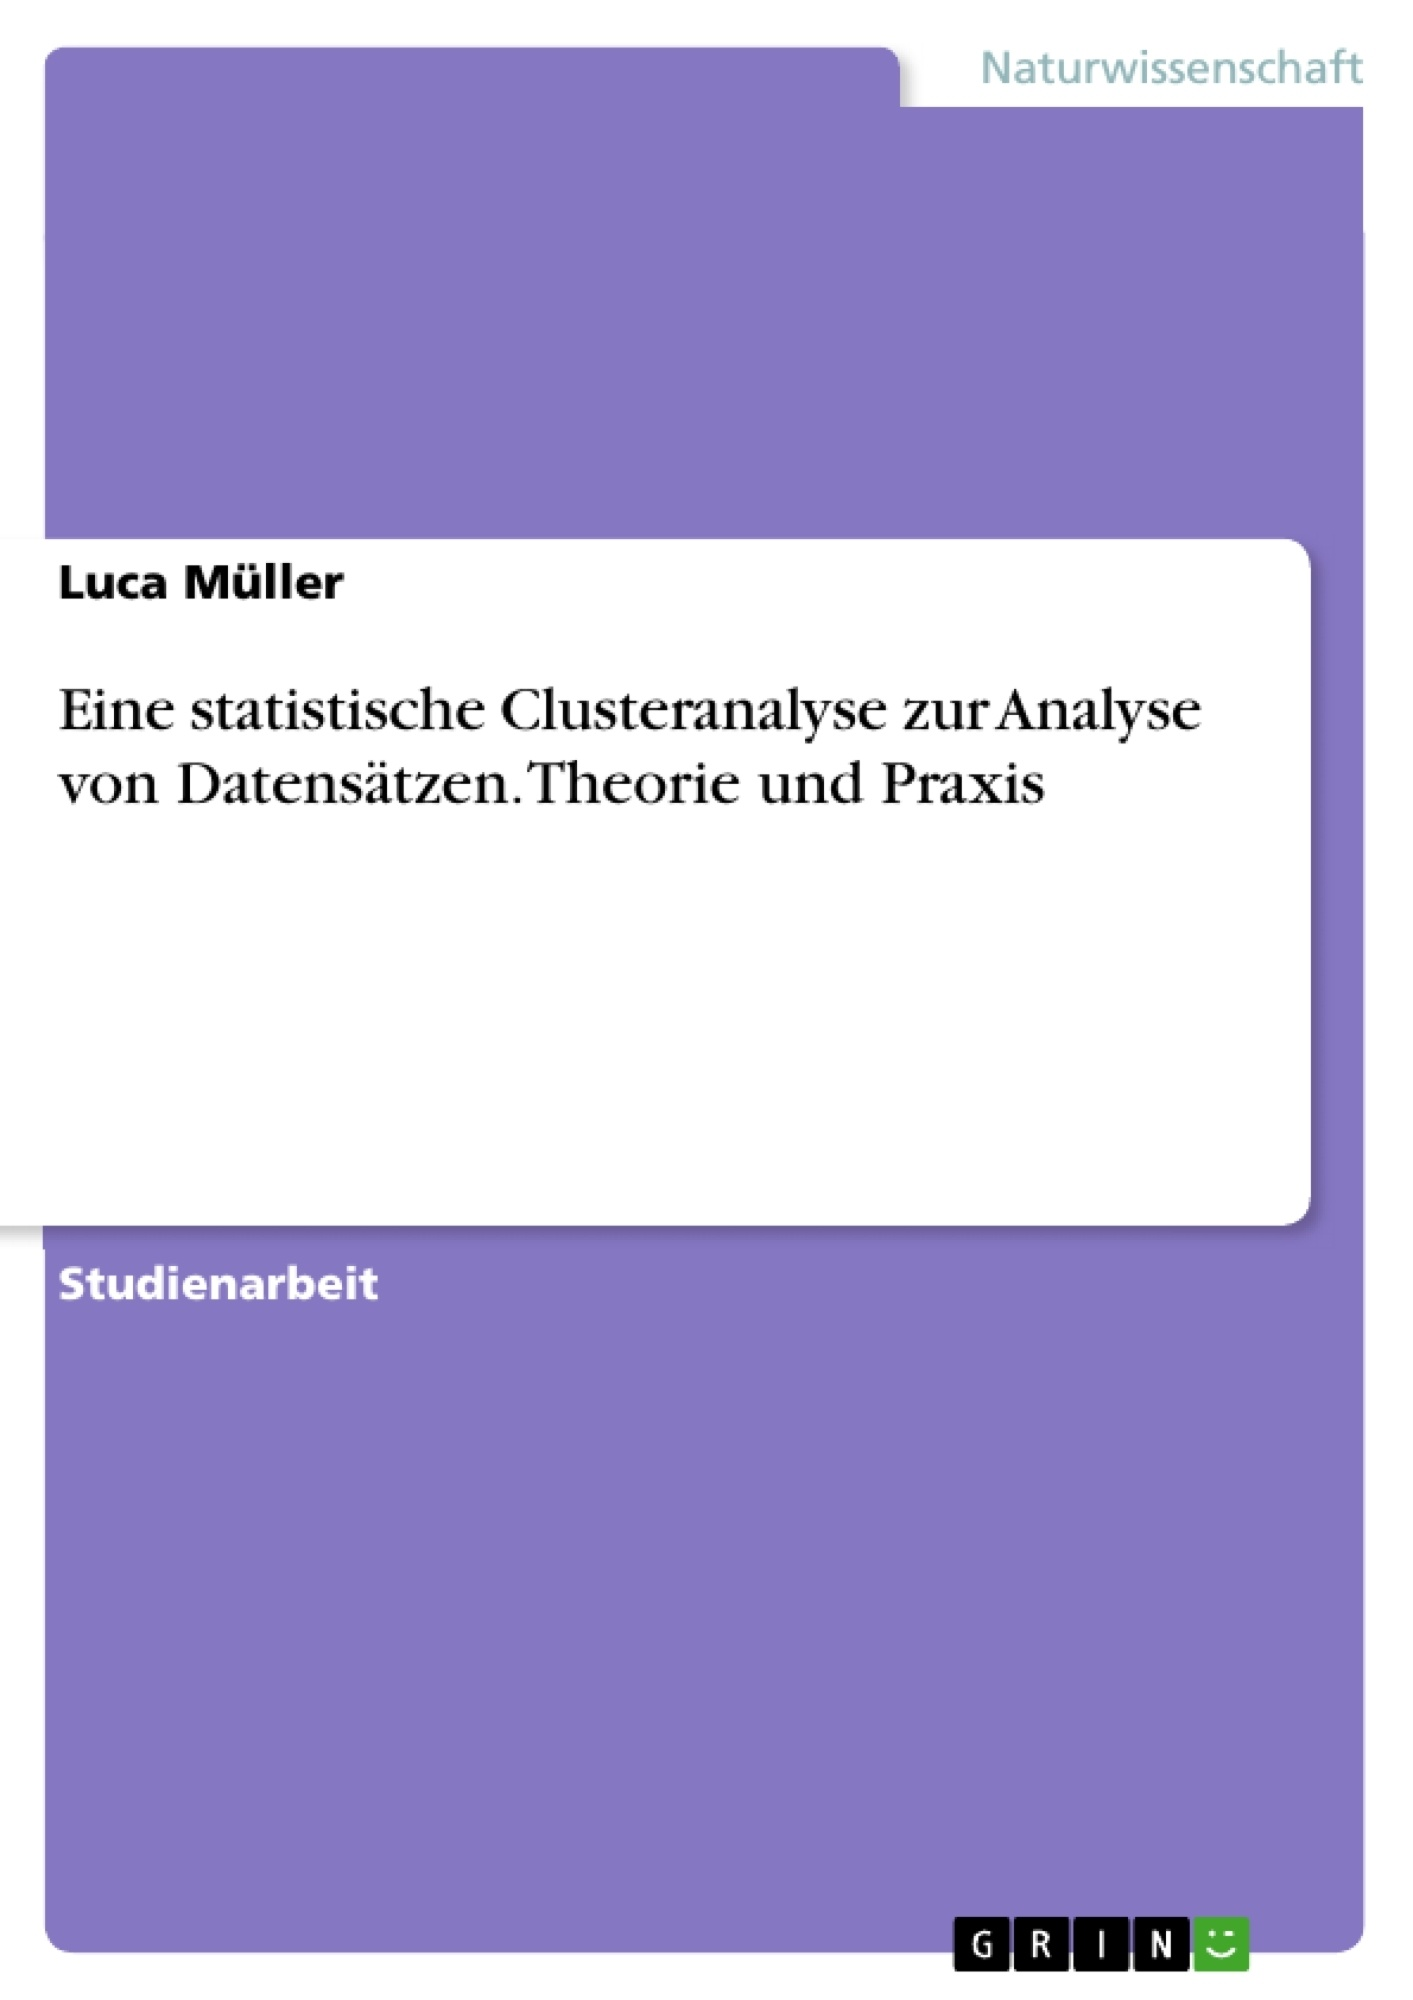 Titel: Eine statistische Clusteranalyse zur Analyse von Datensätzen. Theorie und Praxis